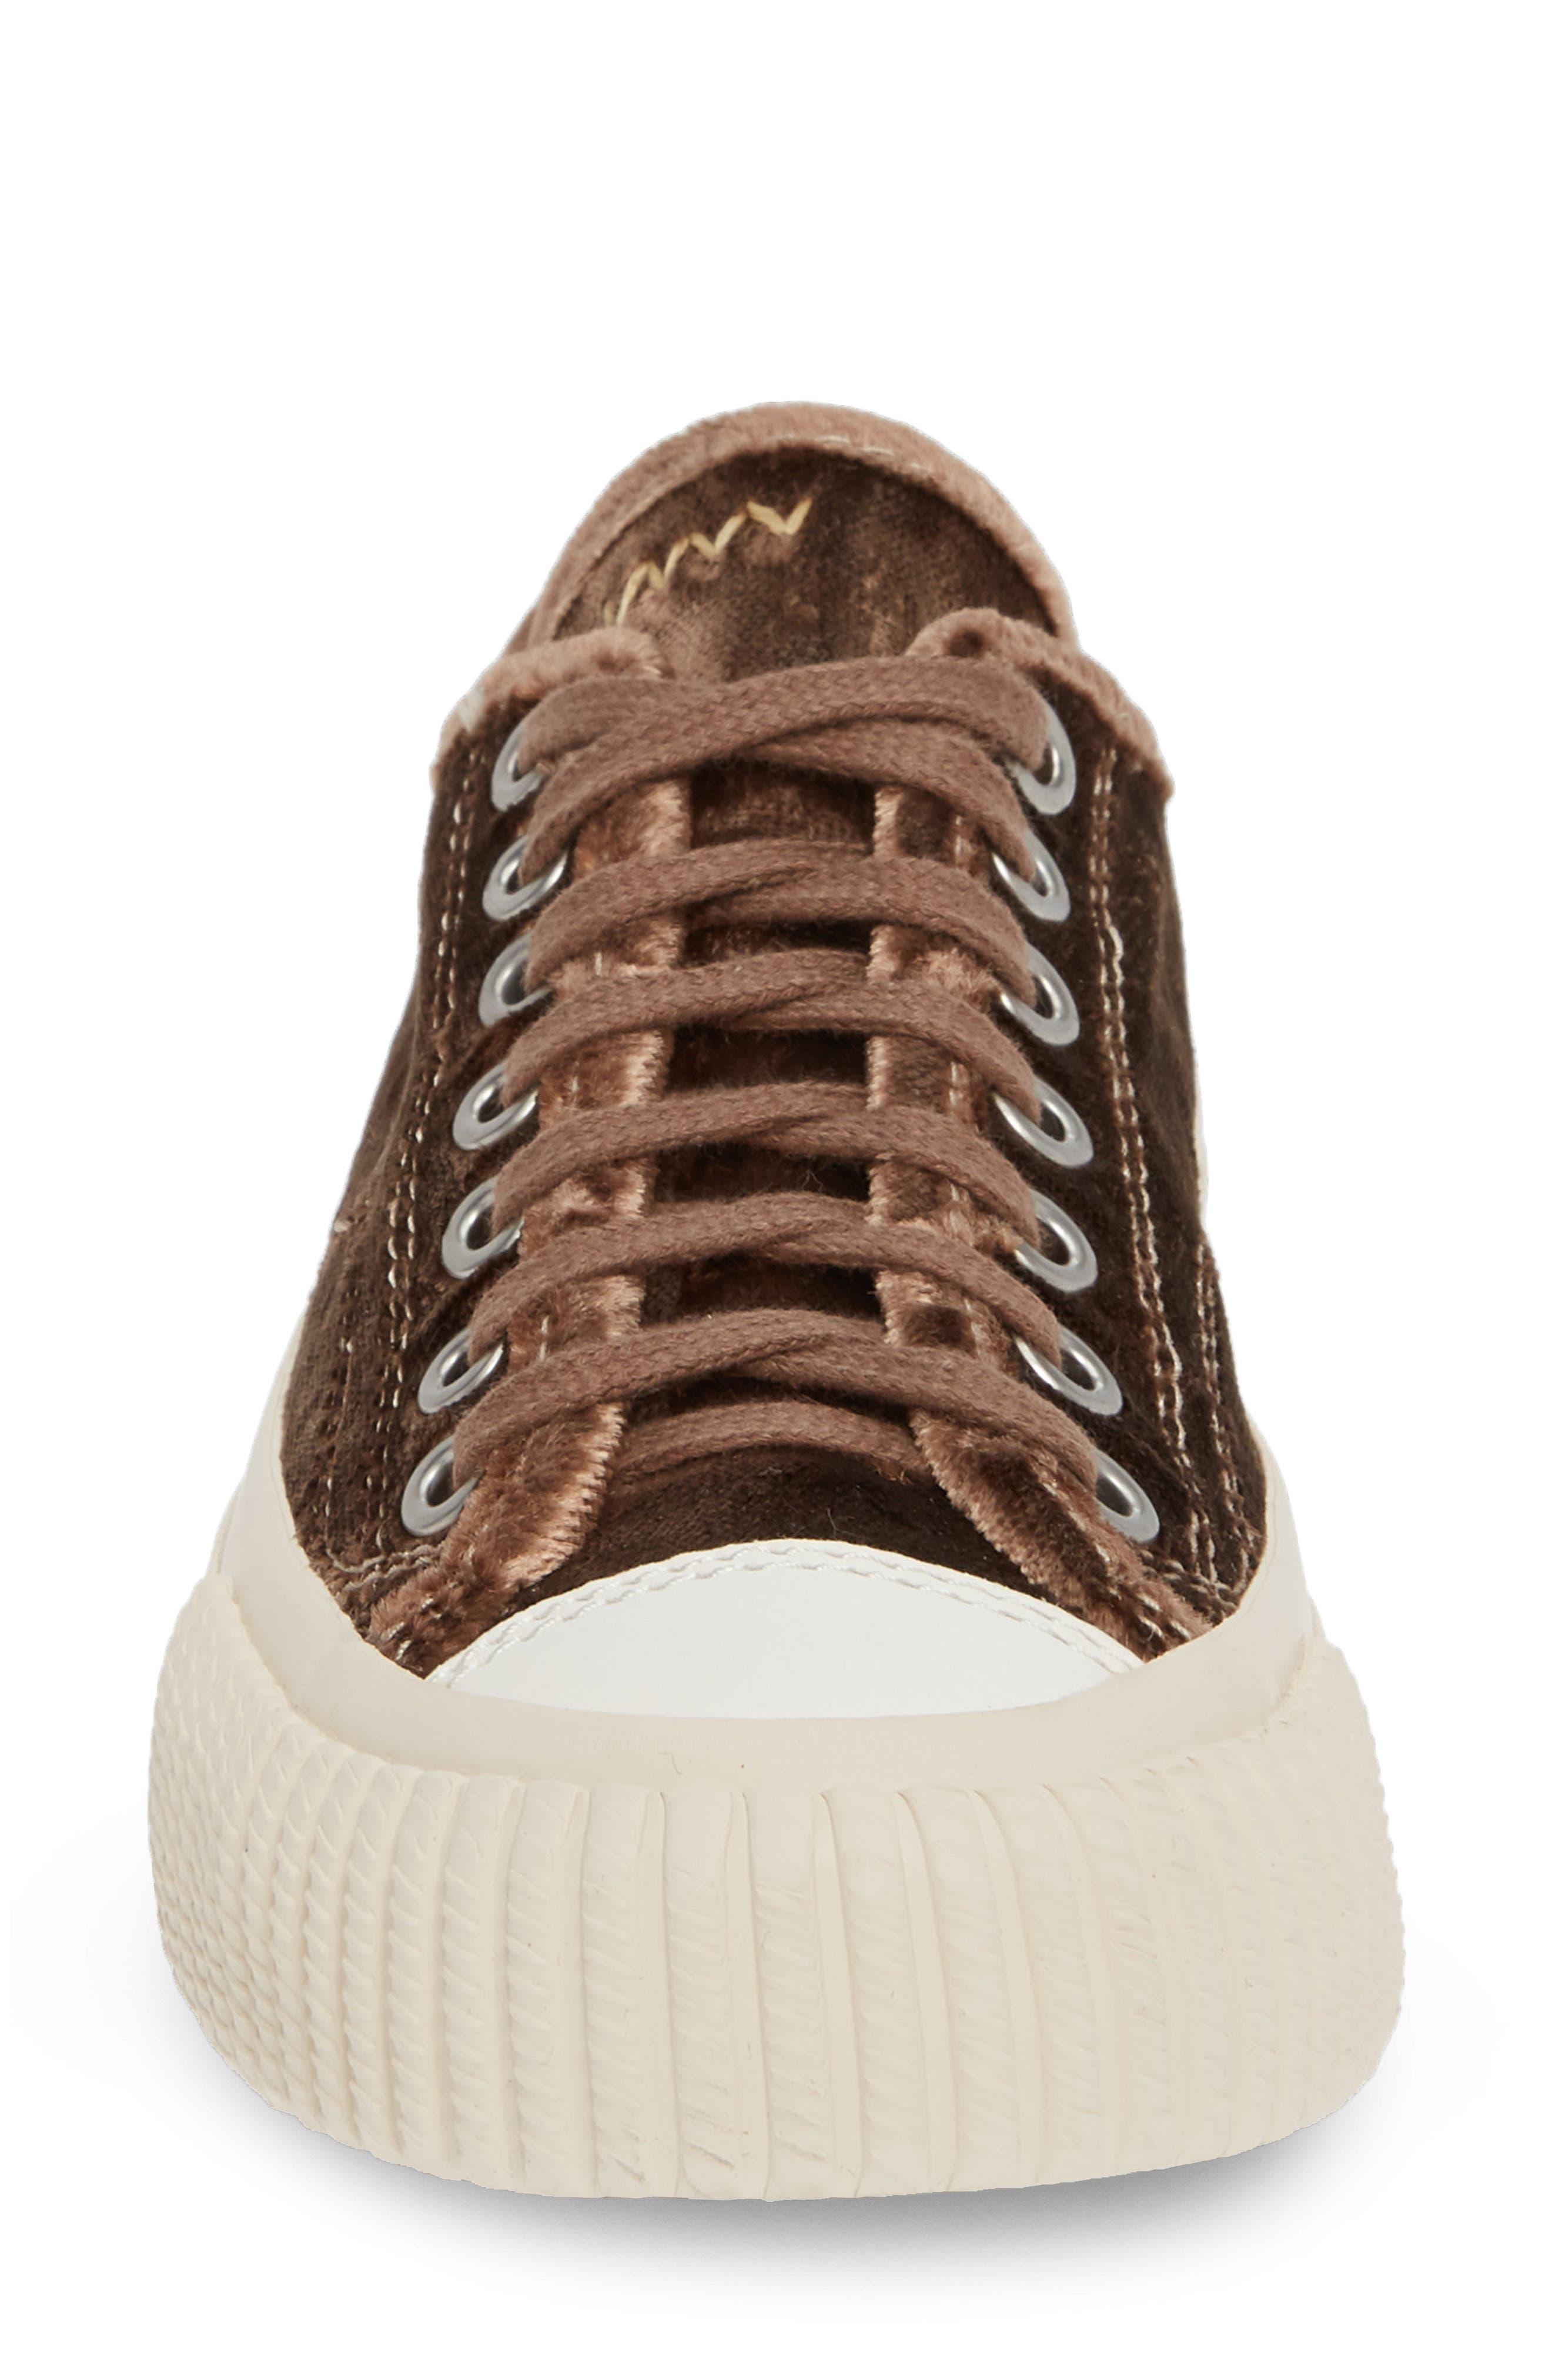 Skagway Lo Sneaker,                             Alternate thumbnail 4, color,                             BROWN